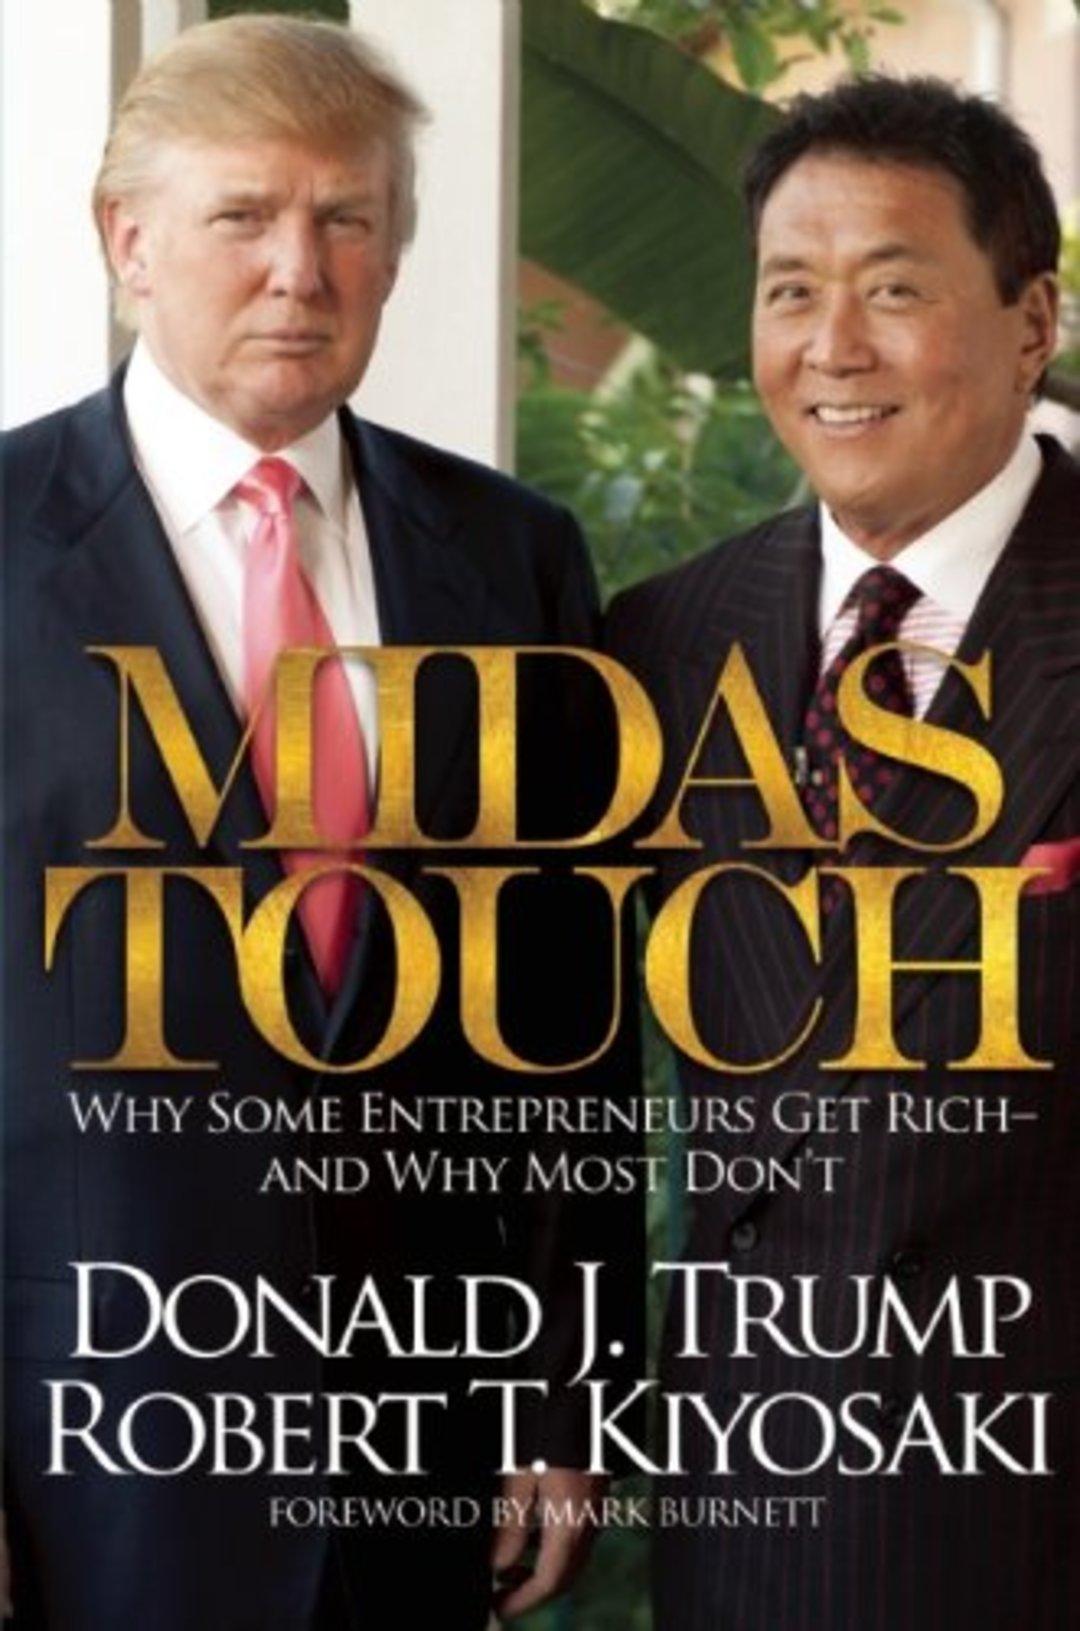 2000年,《富爸爸,穷爸爸》让中国人思考了钱的问题 | 畅销书让我们看到了什么样的中国②_文化_好奇心日报